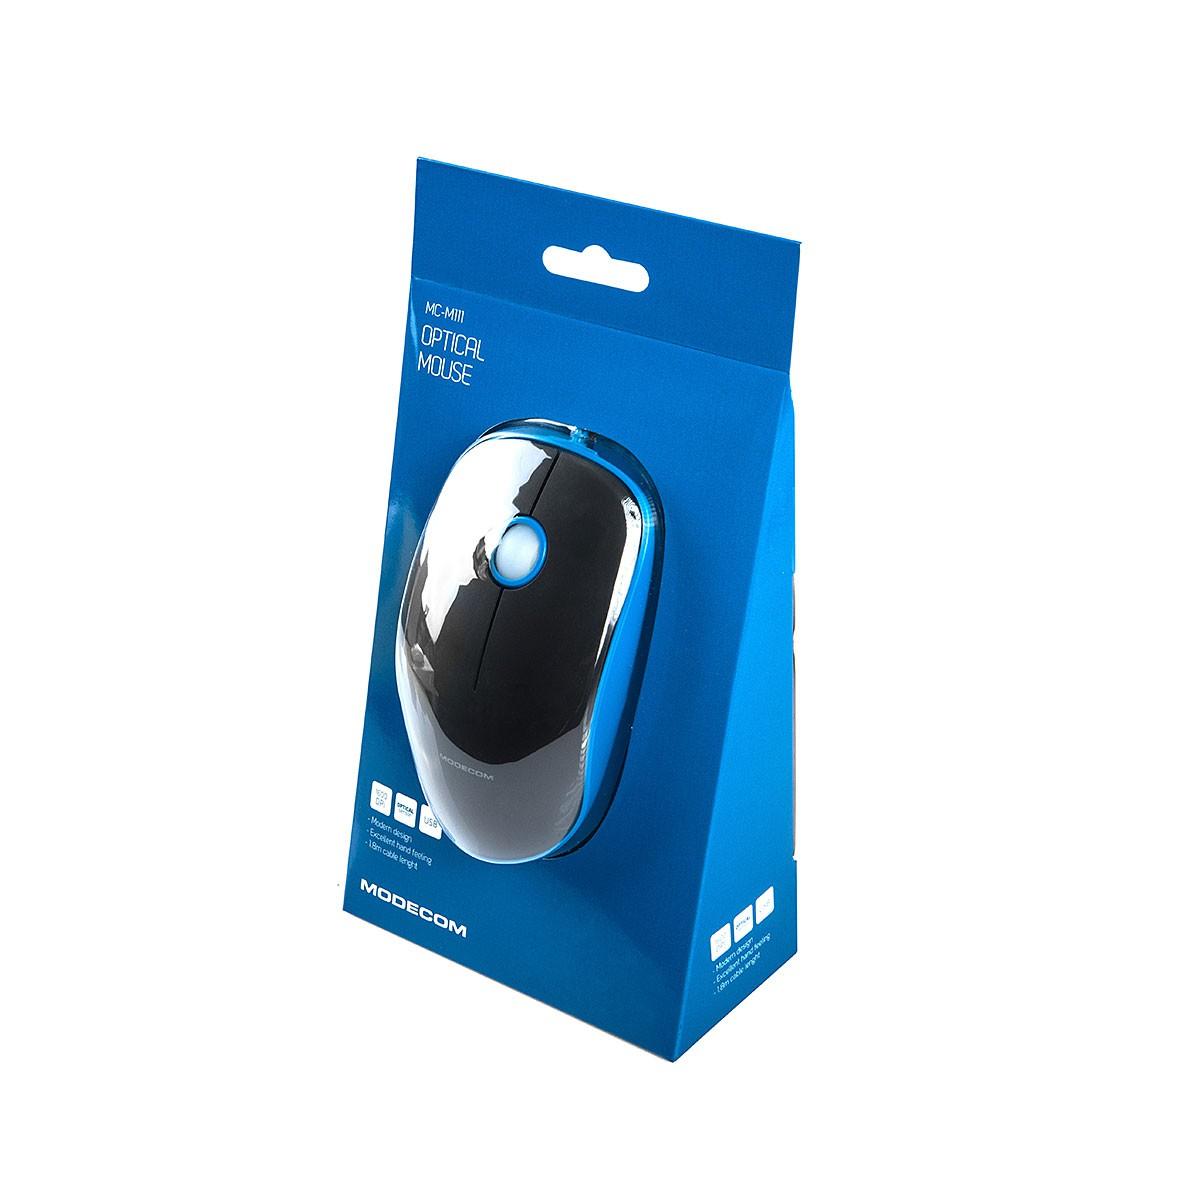 MODECOM MC-M111 juoda laidinė optinė pelė | 1600 DPI